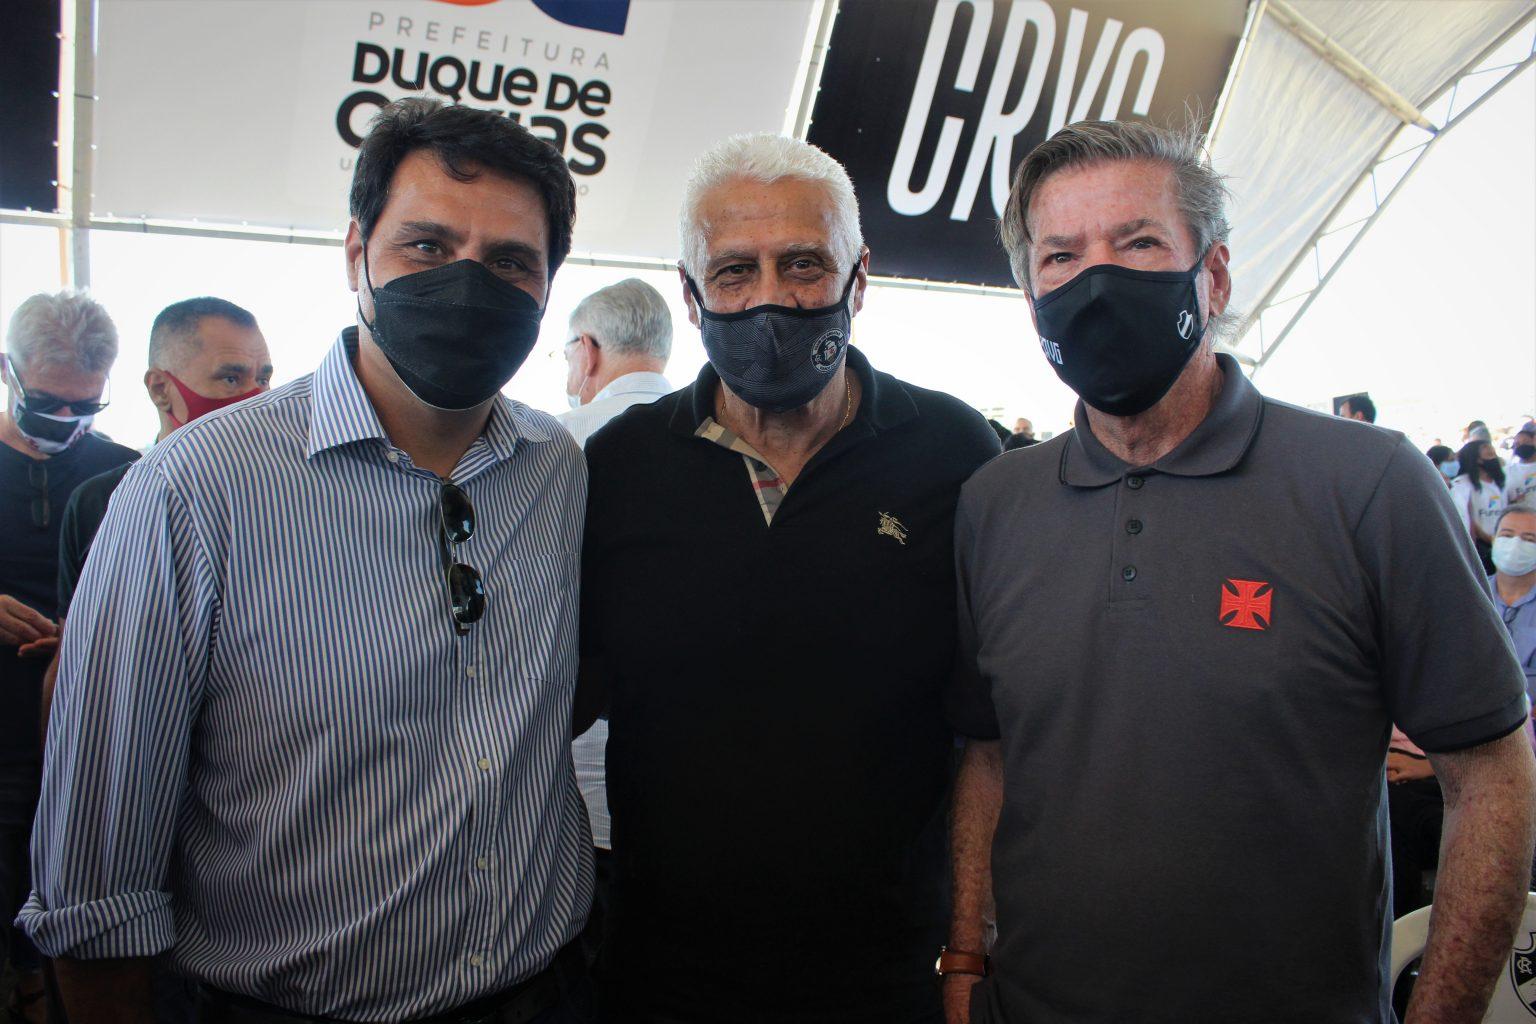 Roberto Duque Estrada, Roberto Dinamite e Jorge Salgado marcaram presença no evento